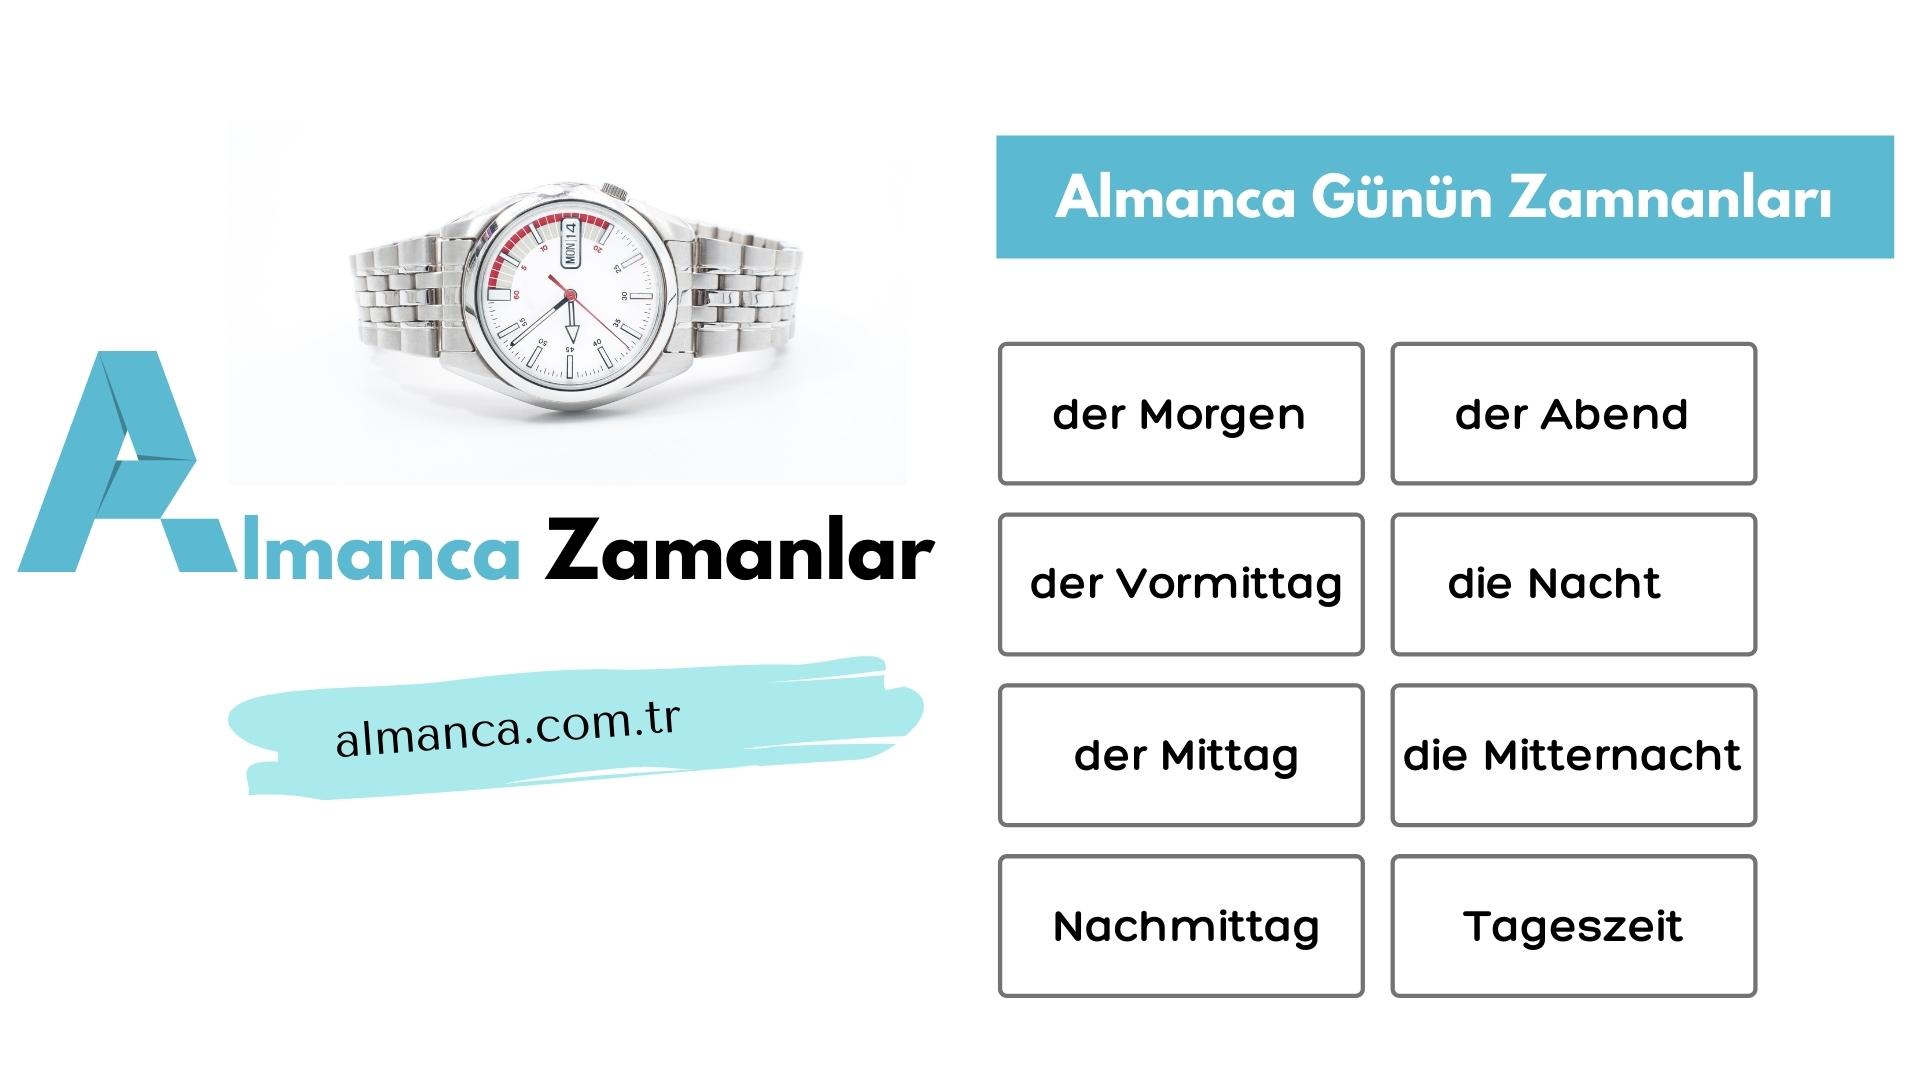 Almanca-Zamanlar